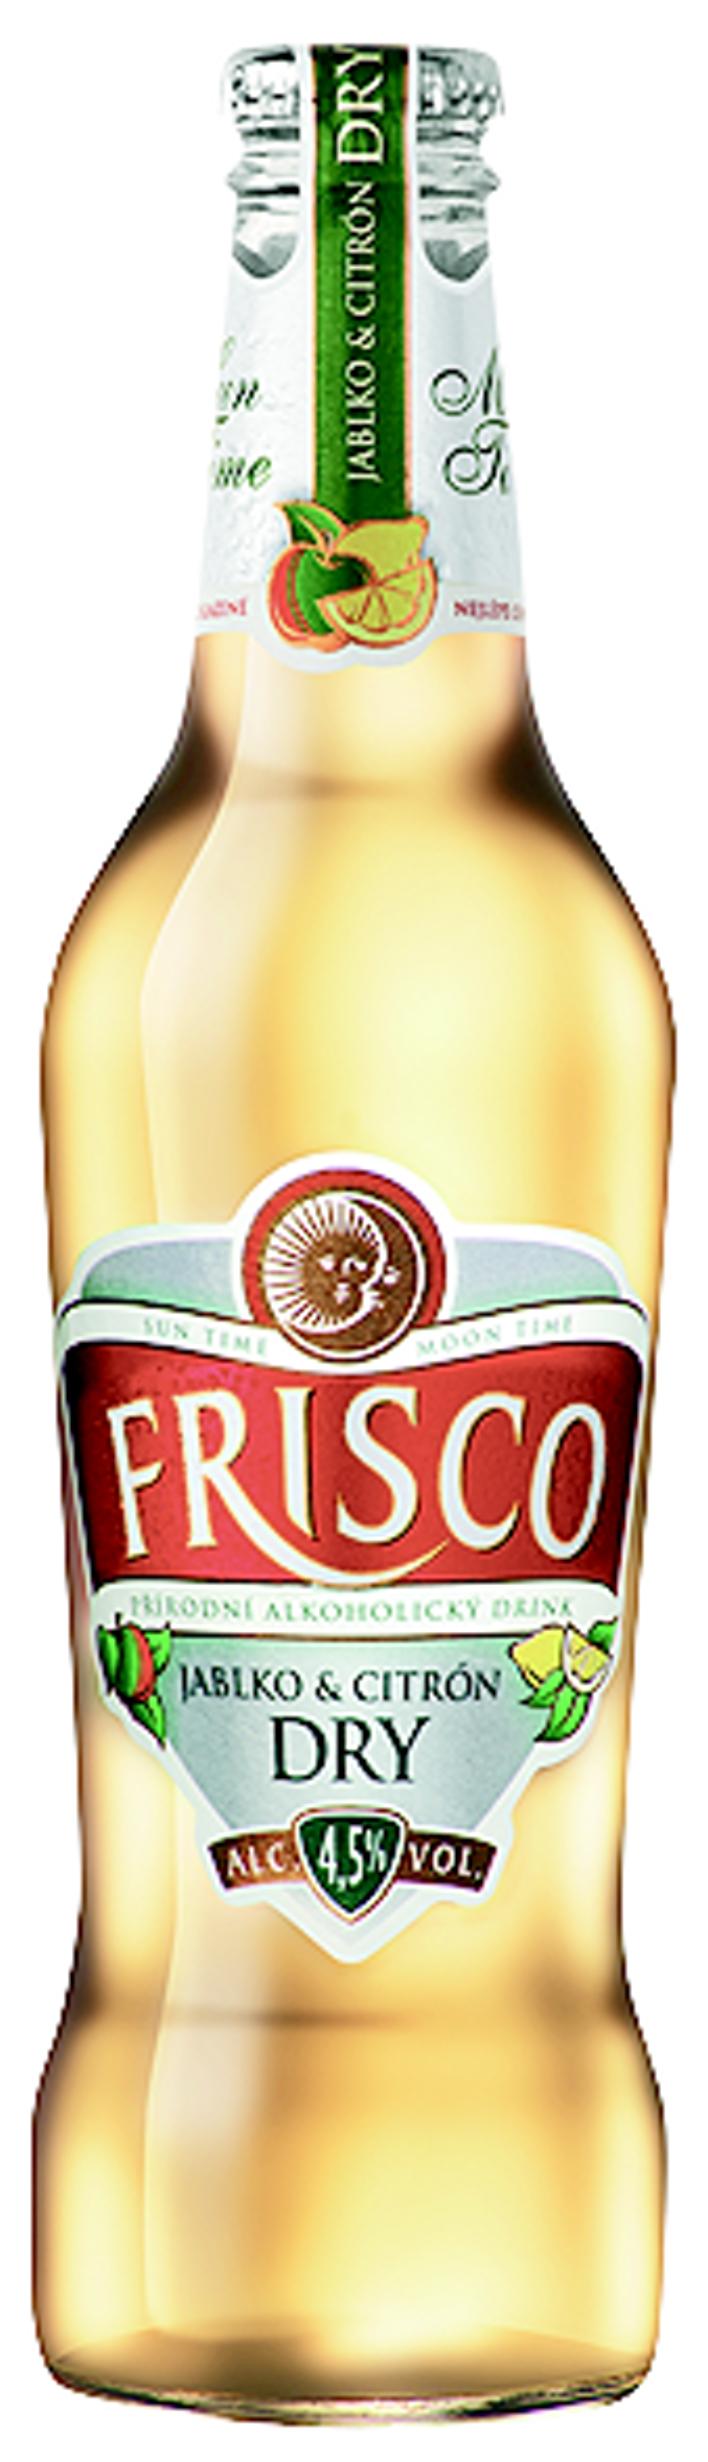 Značka Frisco Dry